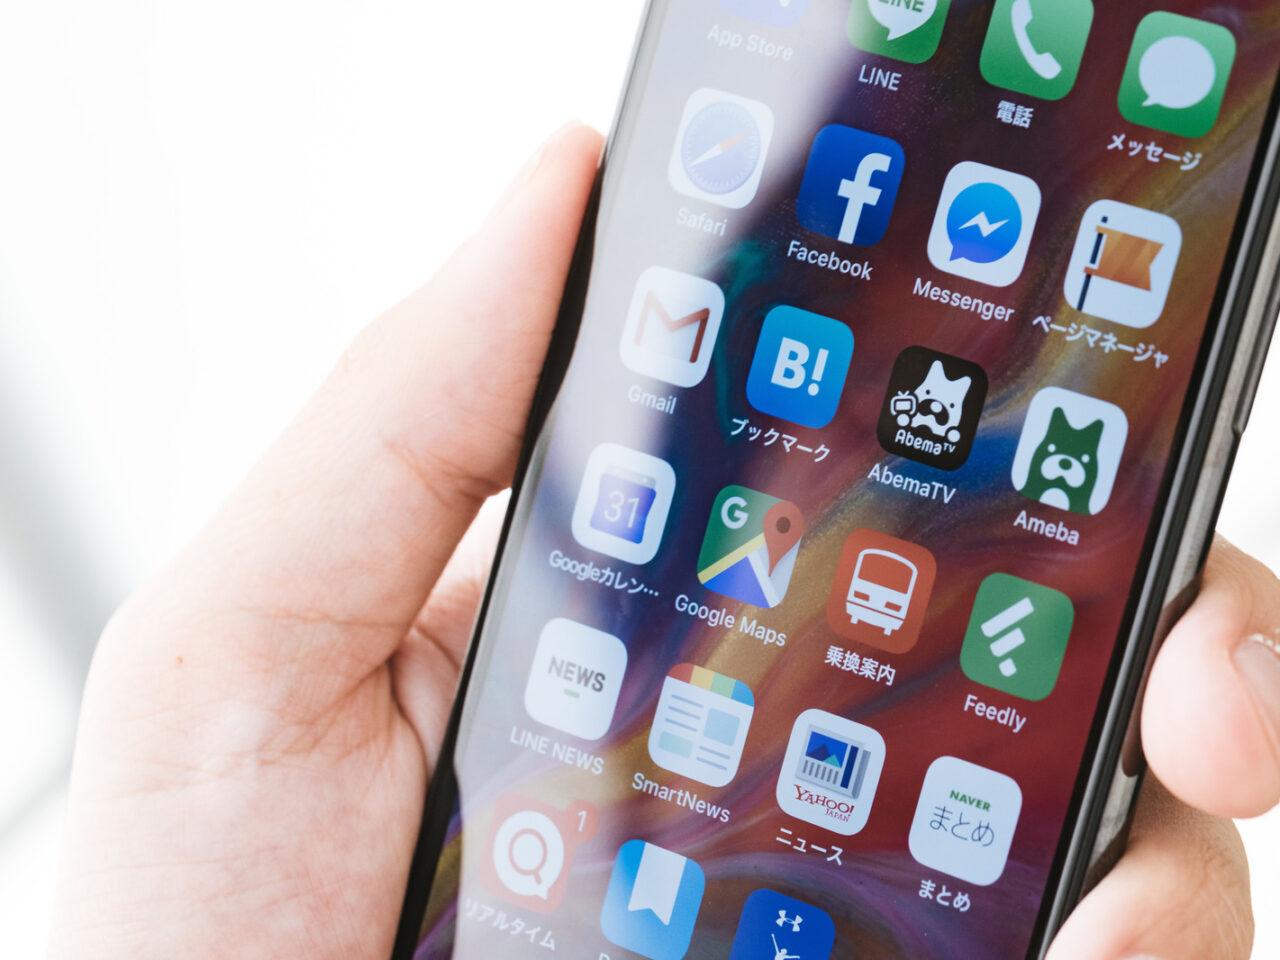 ホーム画面をおしゃれにカスタマイズ!iPhoneでのアイコンやウィジェットのやり方は?のサムネイル画像